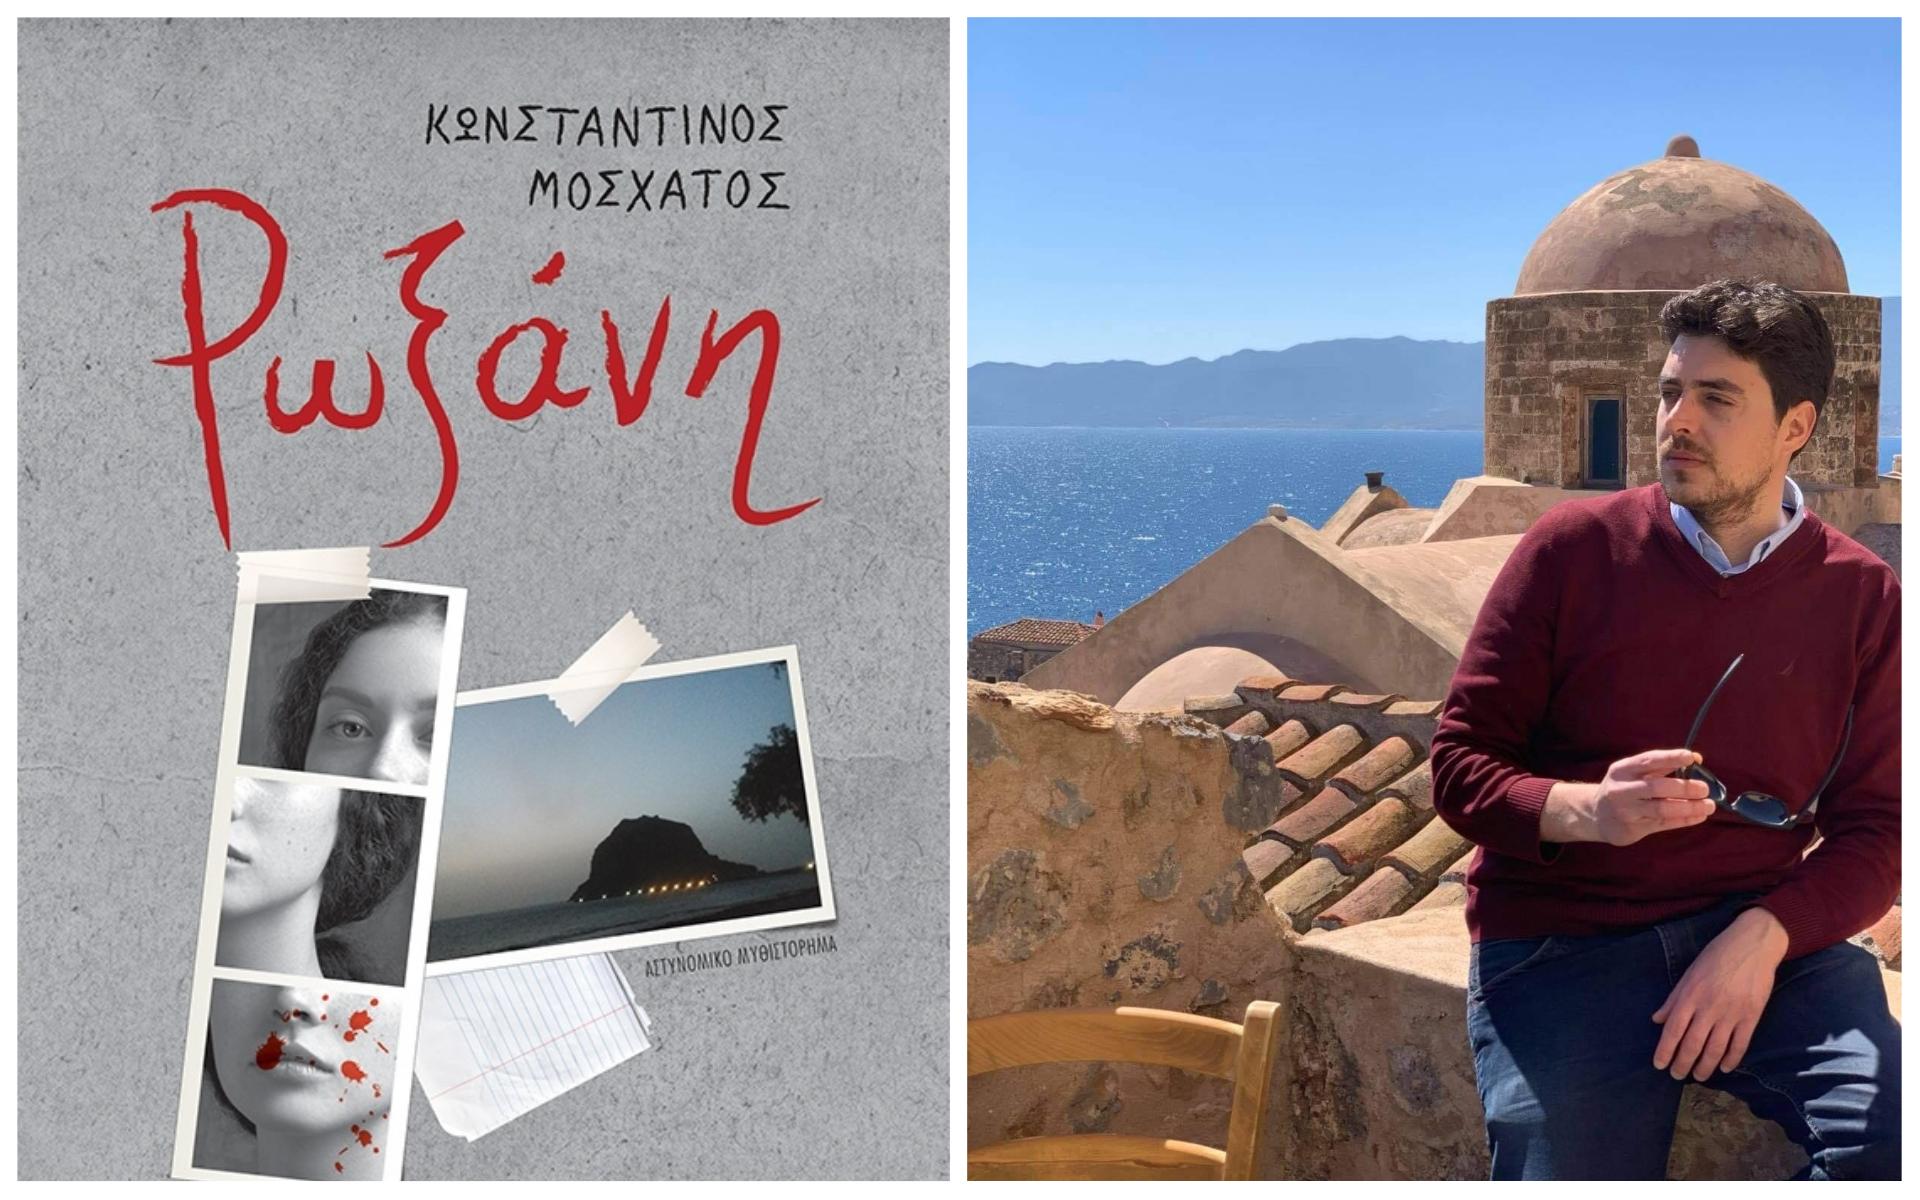 """Ο Κωνσταντίνος Μοσχάτος μιλά στο XanthiNea.gr για τη """"Ρωξάνη"""" του!"""